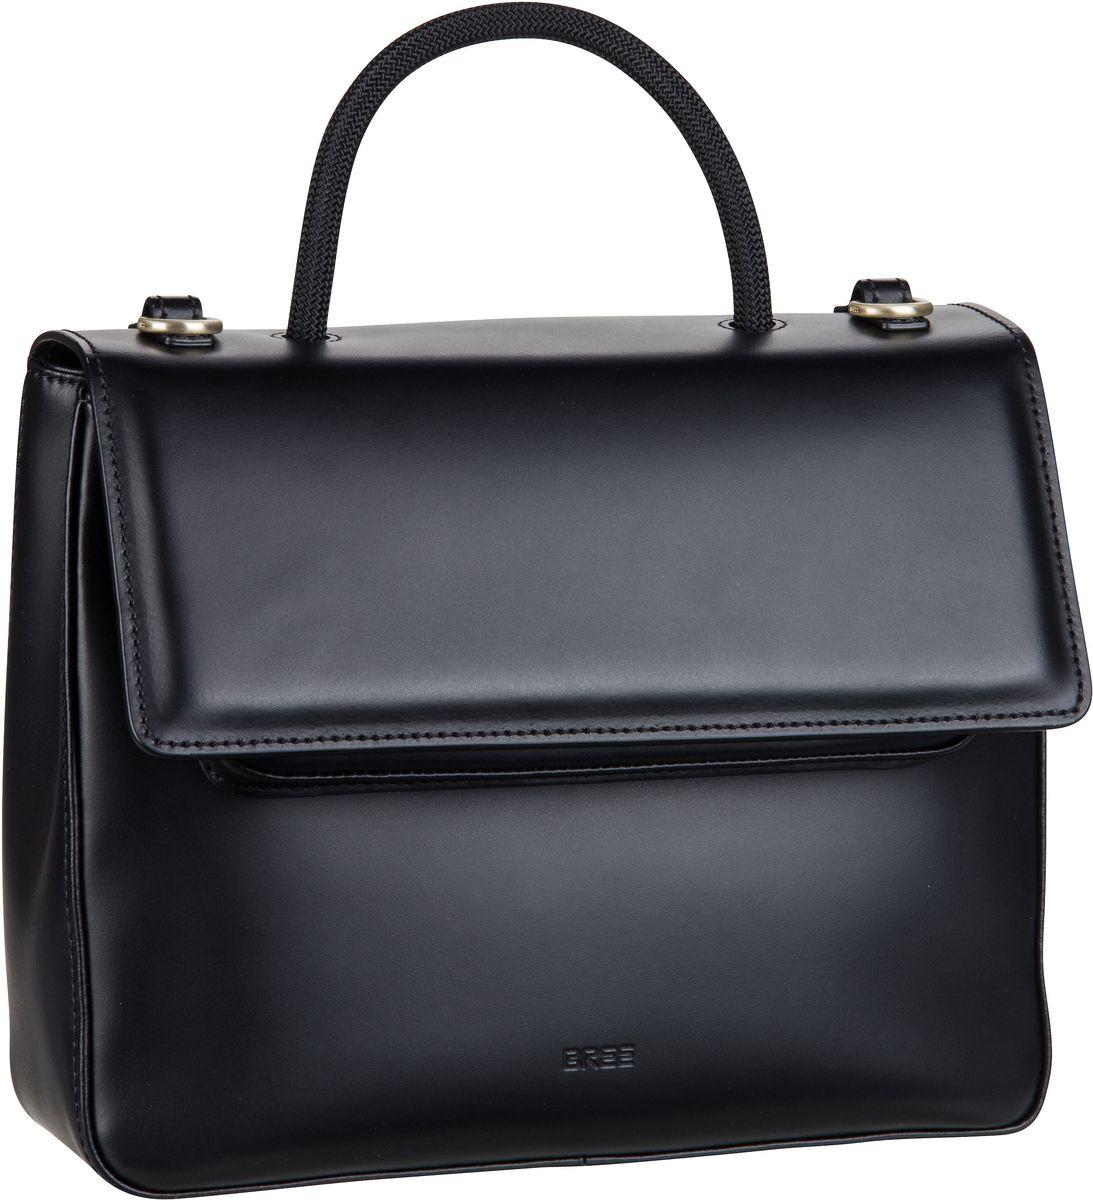 Handtasche Albany 1 Black